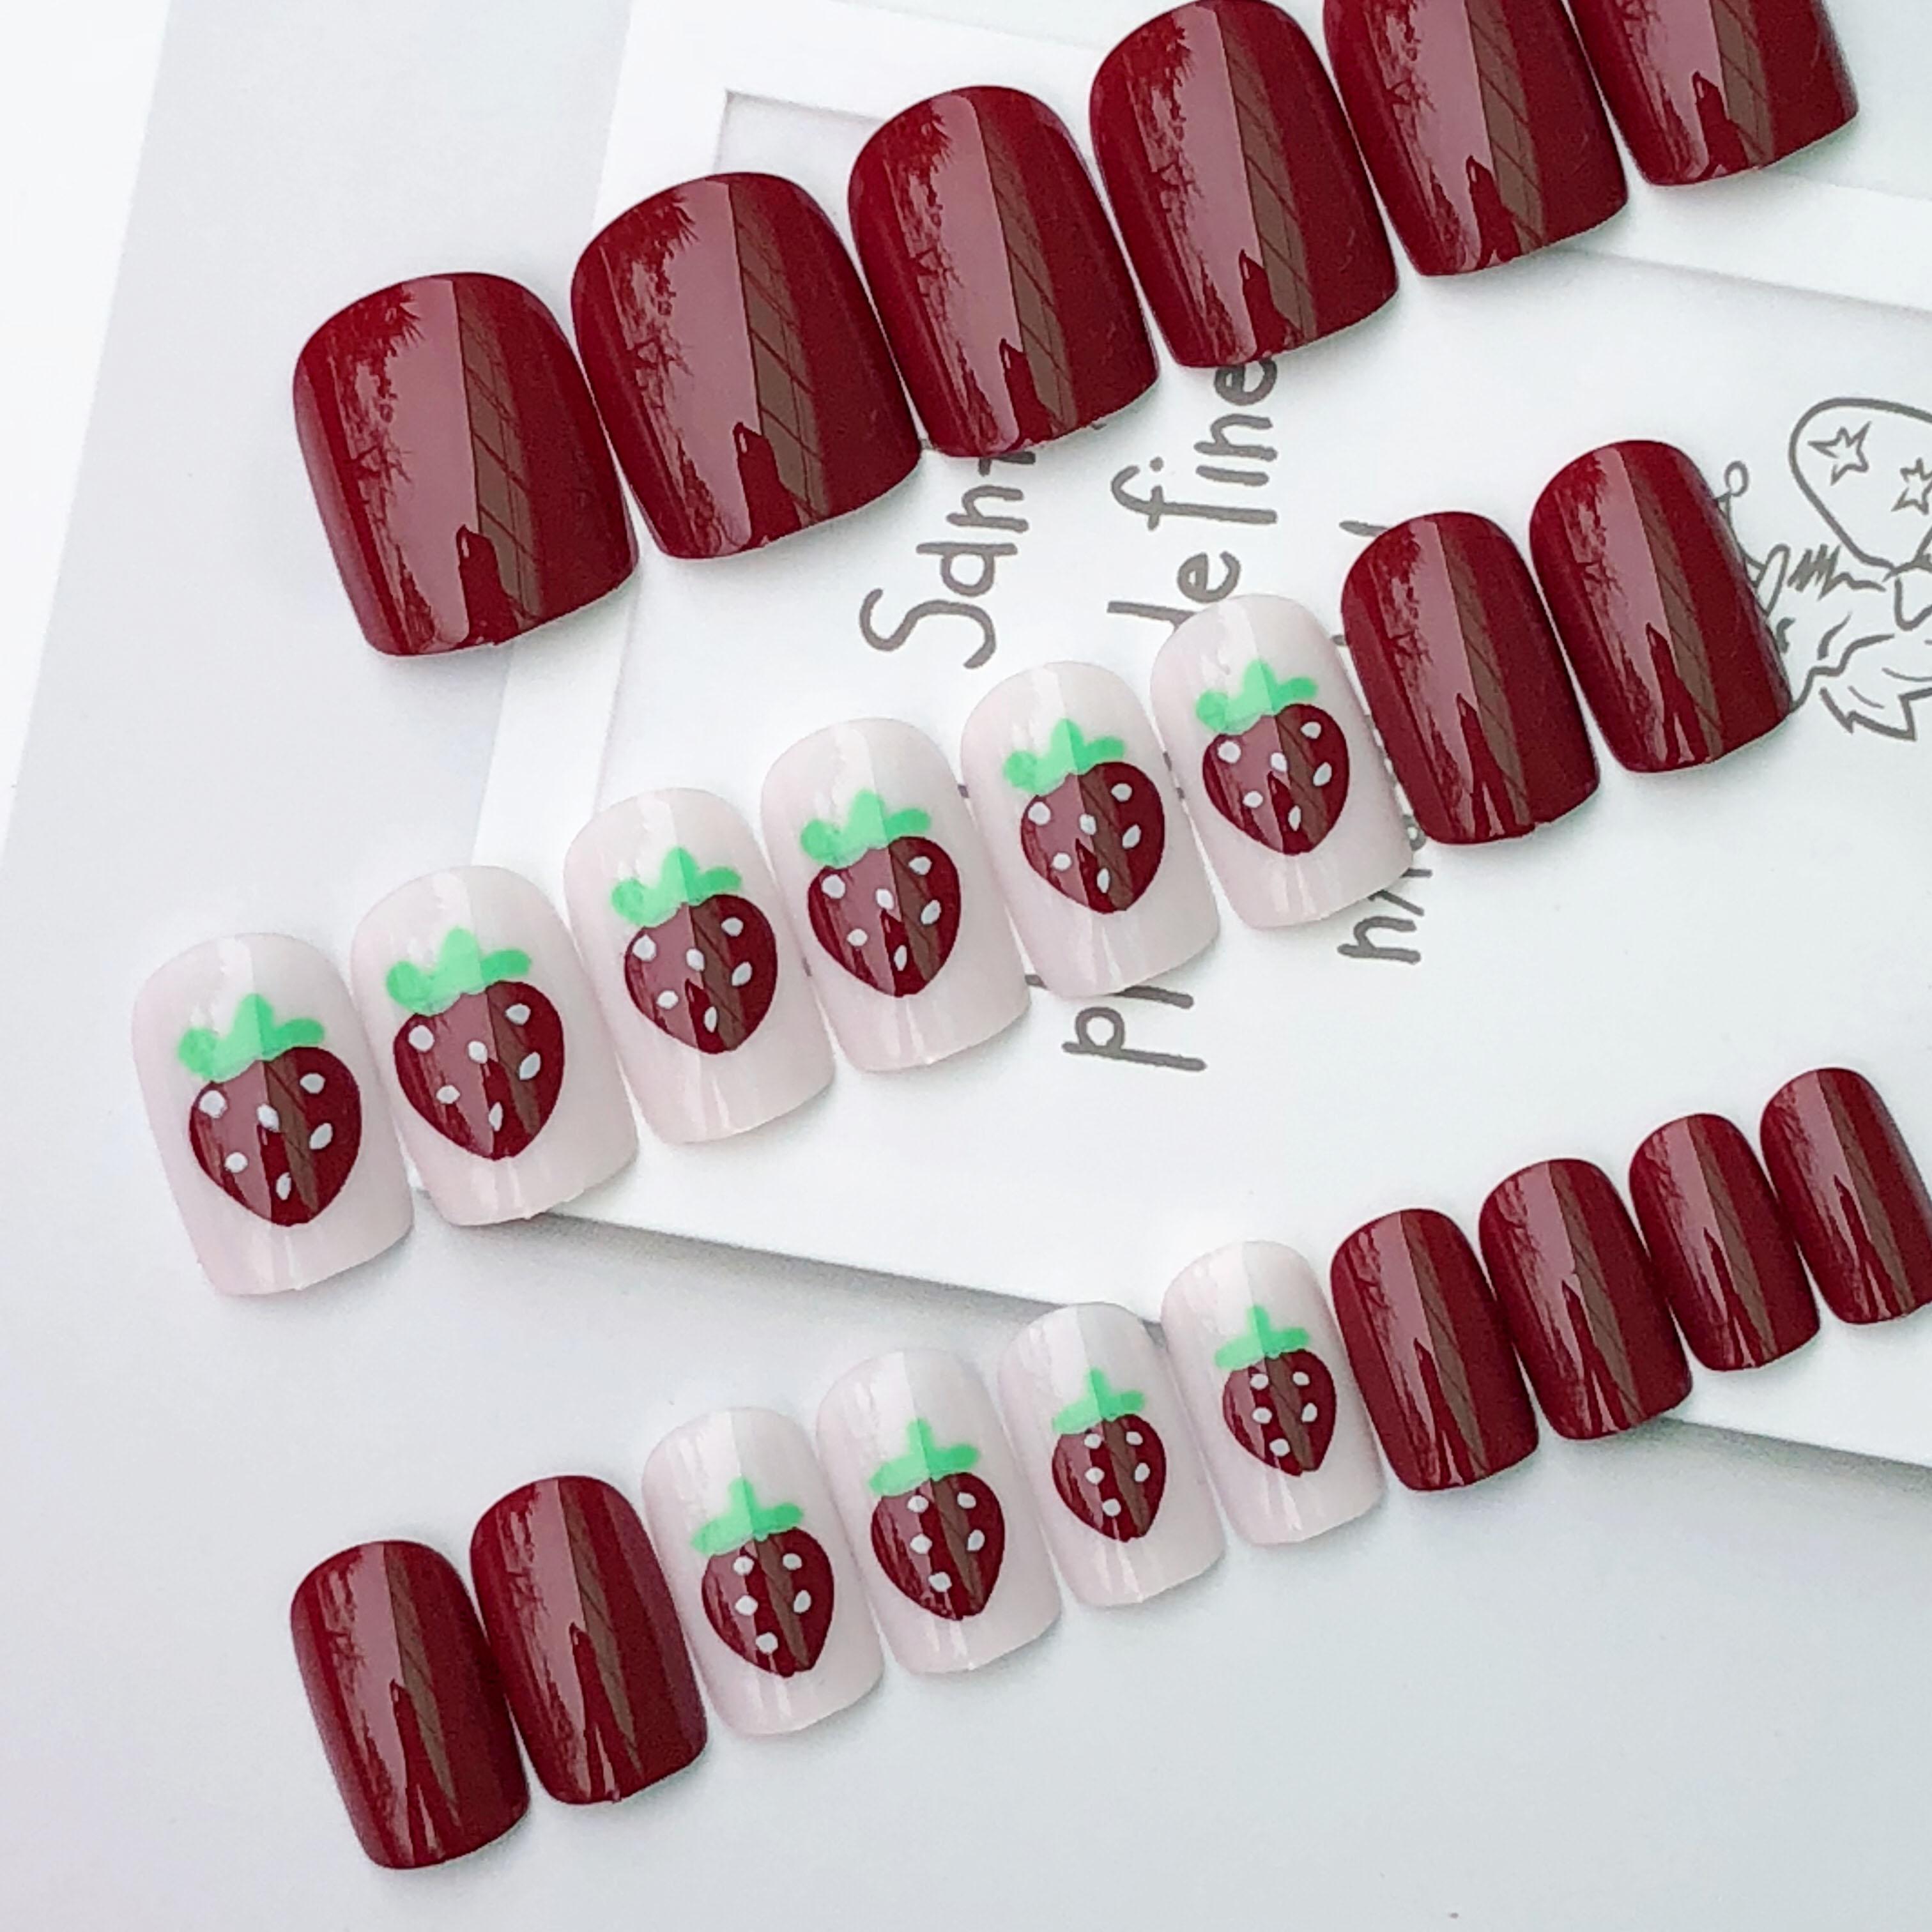 指甲贴片美甲成品ins网红欧美甲片可摘带酒红草莓中长方自由拆卸